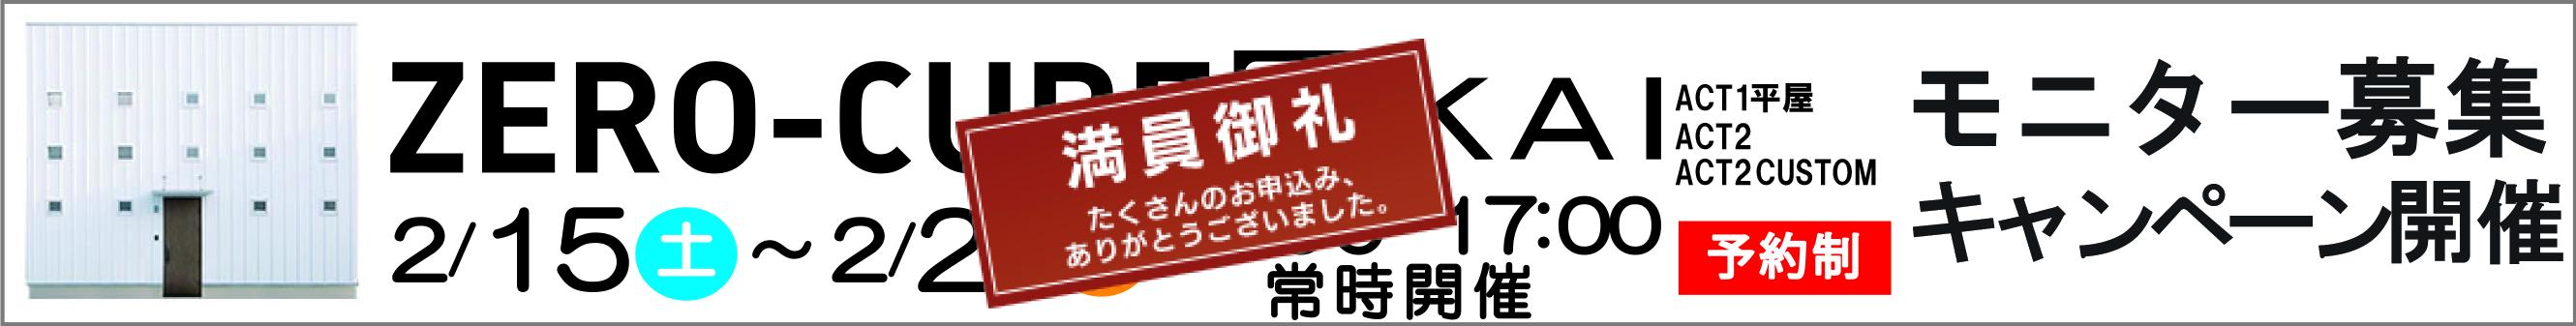 ZERO-CUBE KAI モニター募集キャンペーン開催